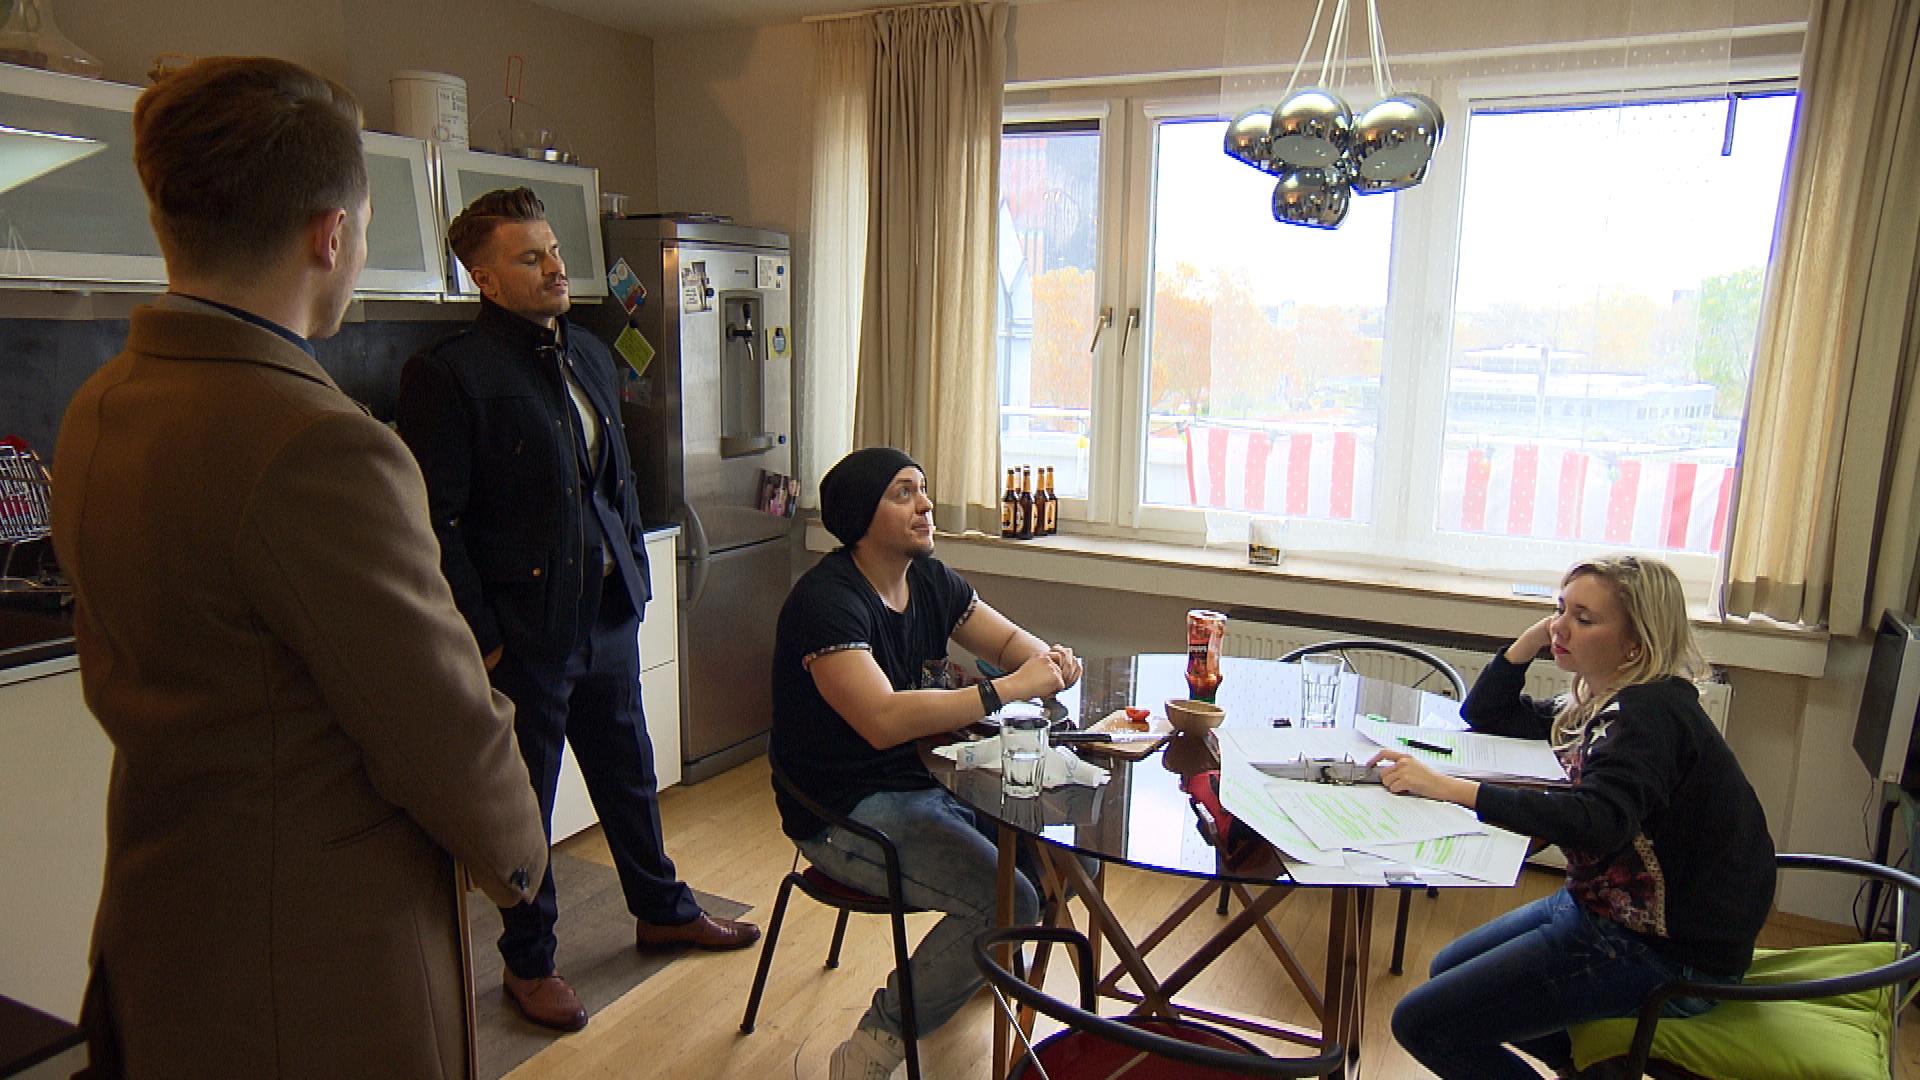 Im Gespräch mit seinem Anwalt erfährt Valentin, dass sich Chantal und Kevin mit ihrer Aktion, ihn in sein Zimmer einzusperren, der Freiheitsberaubung strafbar gemacht haben und er sie nun einfach vor die Tür setzen kann (Quelle: RTL 2)